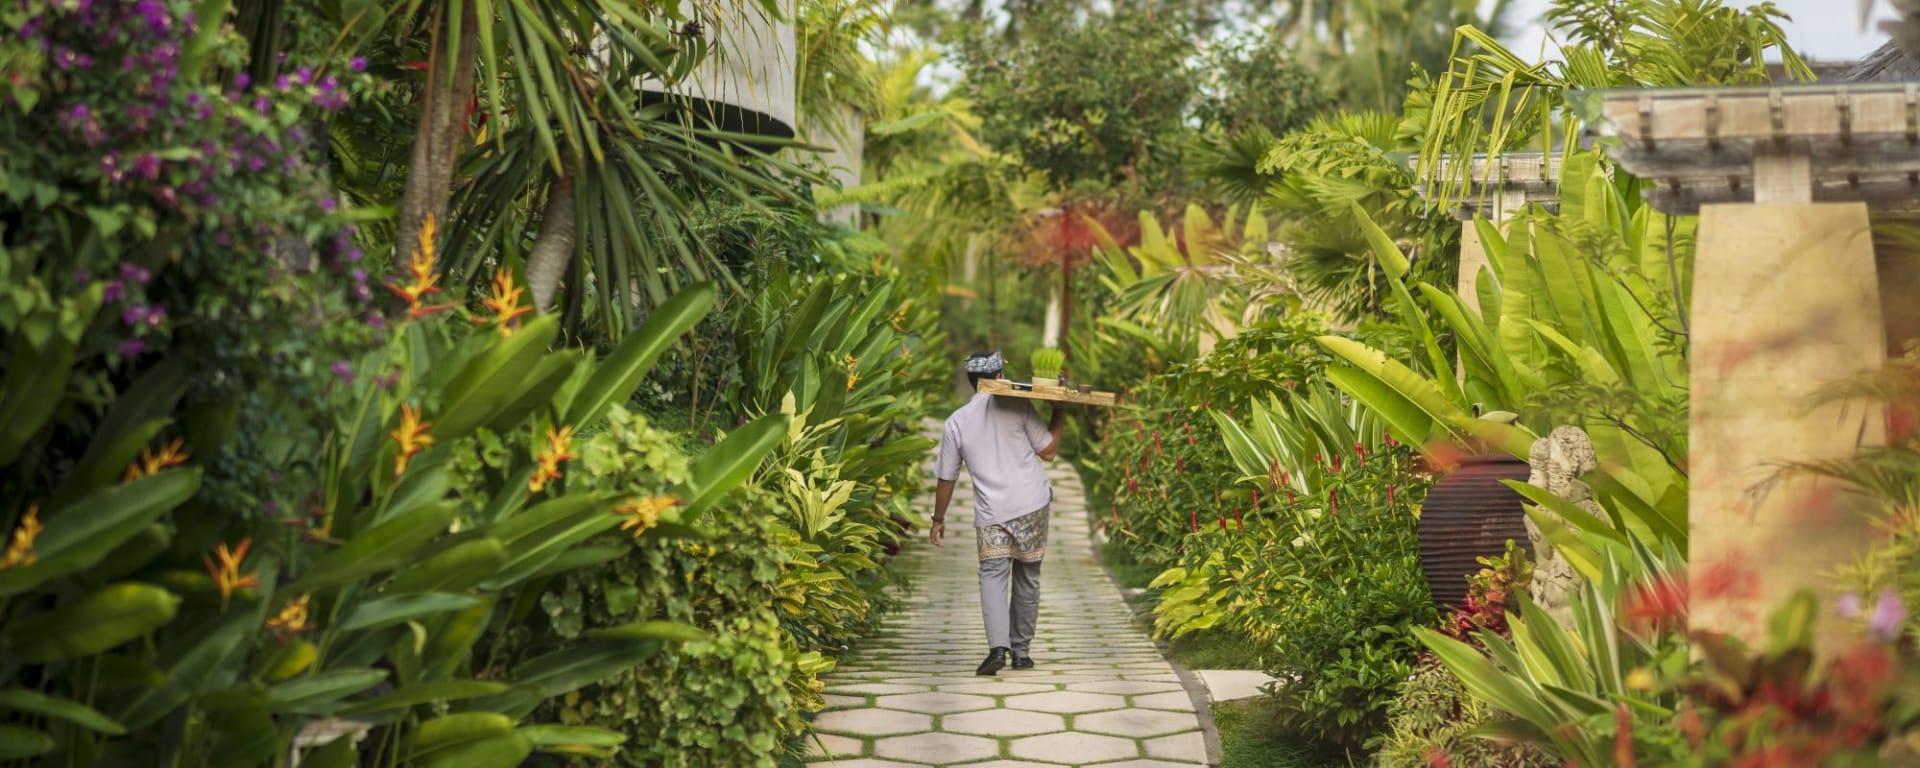 Wapa di Ume Sidemen à Ouest de Bali: Walking path at Wapa di Ume Sidemen